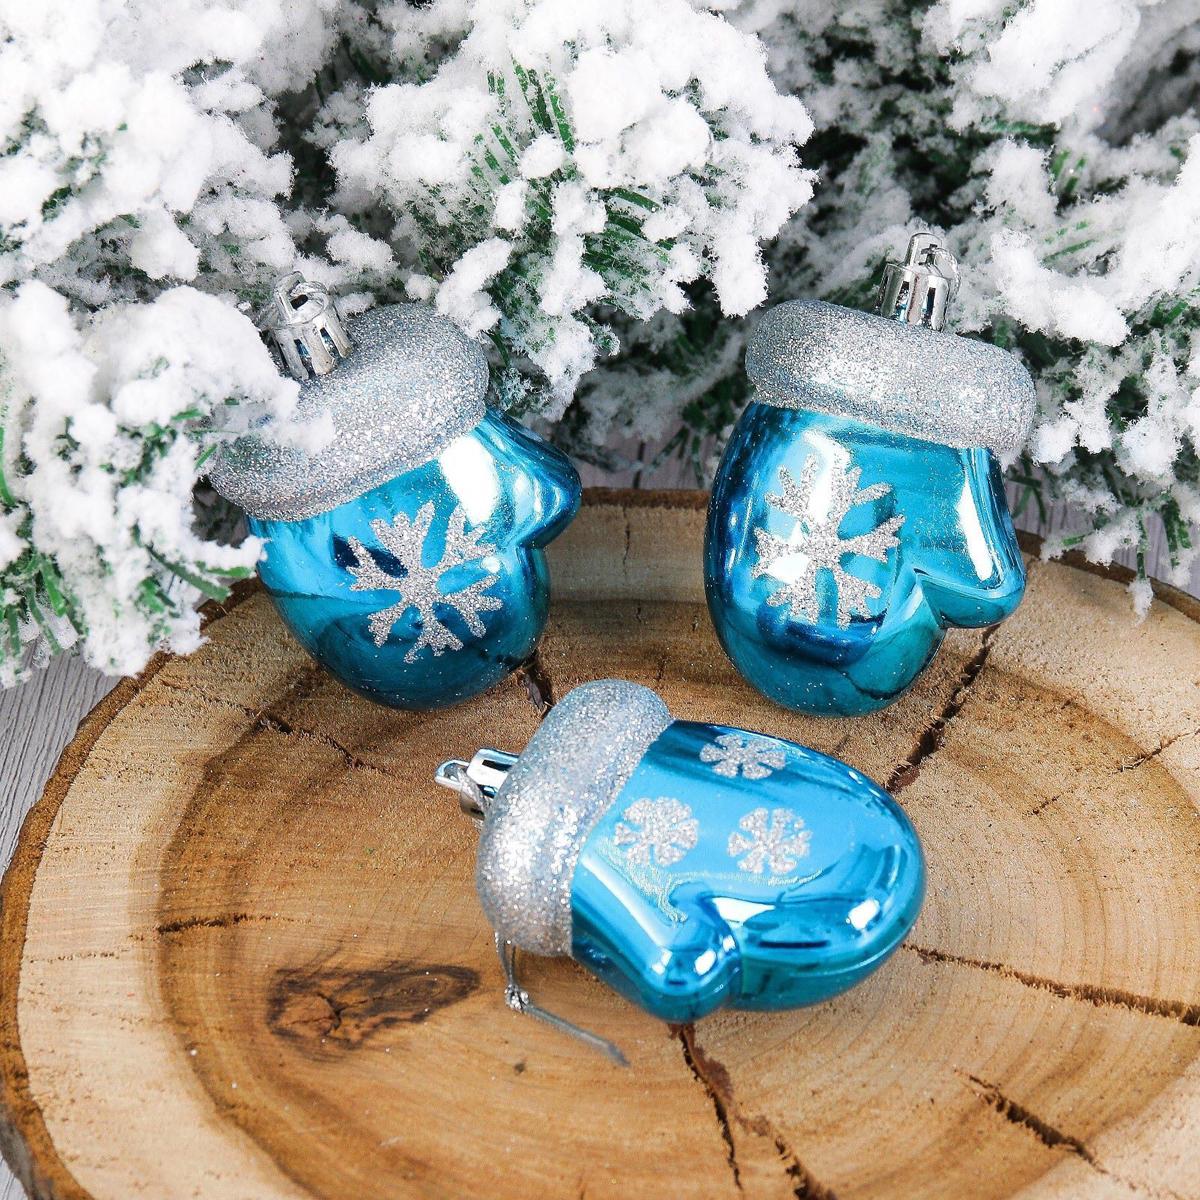 Набор новогодних подвесных украшений Варежки, снежинка, цвет: голубой, 6 х 5 см, 3 шт2123076Набор новогодних подвесных украшений отлично подойдет для декорации вашего дома и новогодней ели. С помощью специальной петельки украшение можно повесить в любом понравившемся вам месте. Но, конечно, удачнее всего оно будет смотреться на праздничной елке.Елочная игрушка - символ Нового года. Она несет в себе волшебство и красоту праздника. Такое украшение создаст в вашем доме атмосферу праздника, веселья и радости.